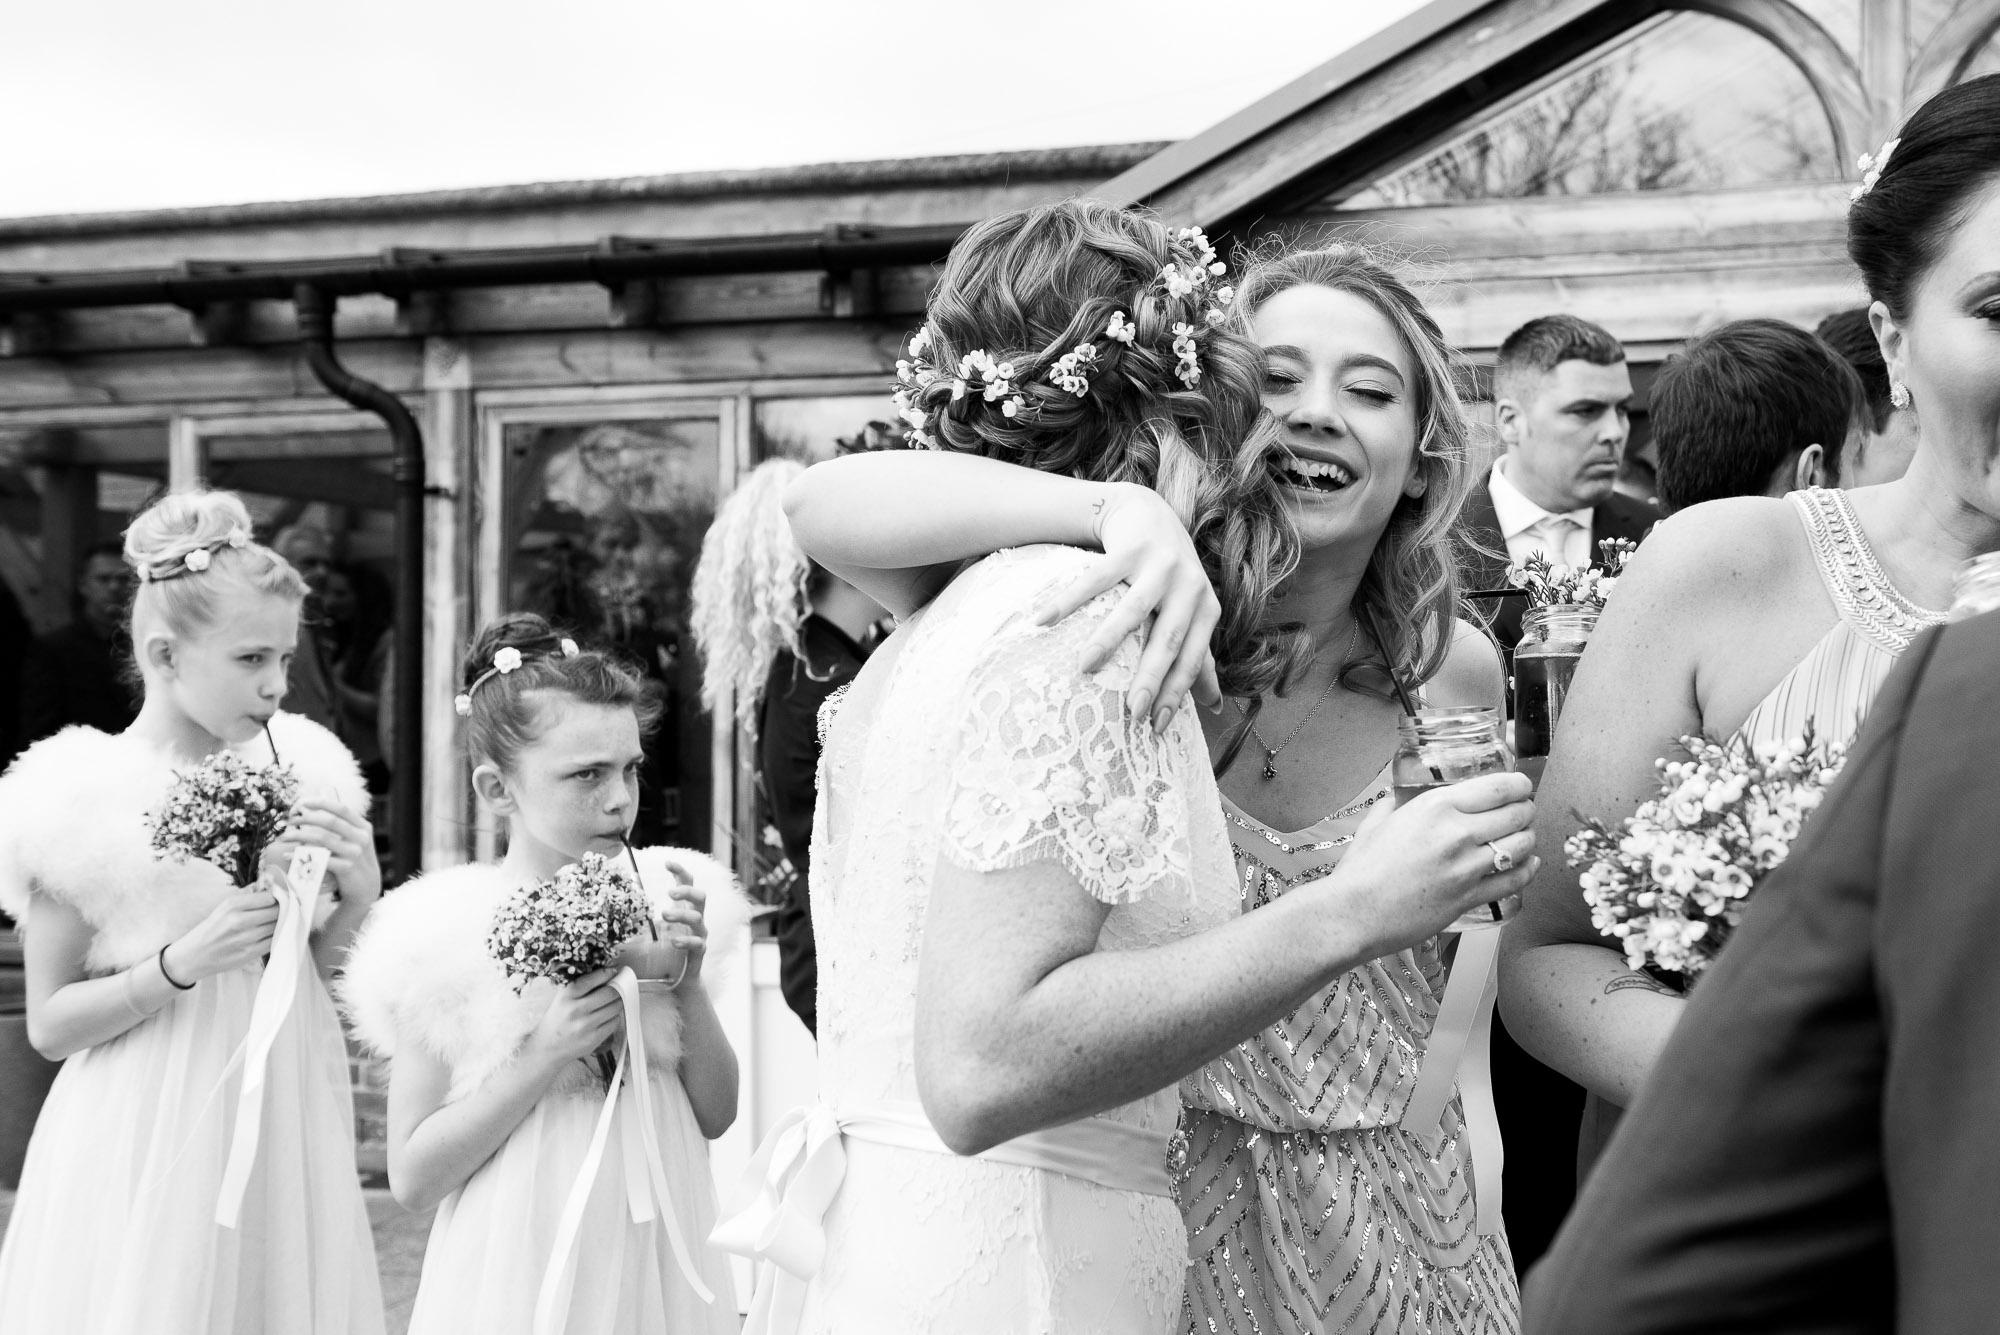 bridal party congratulating the bride